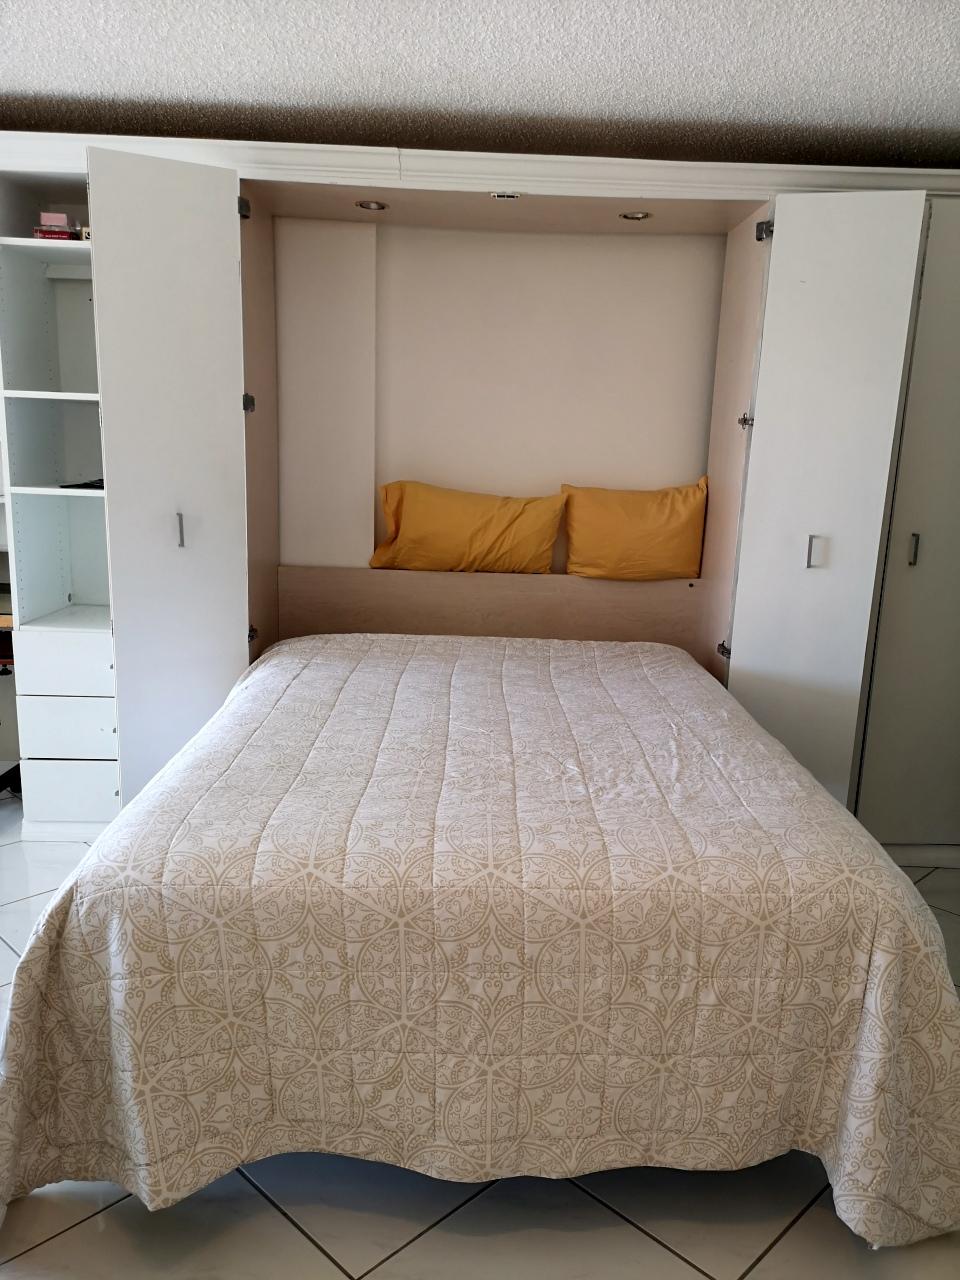 Murphy bed #7